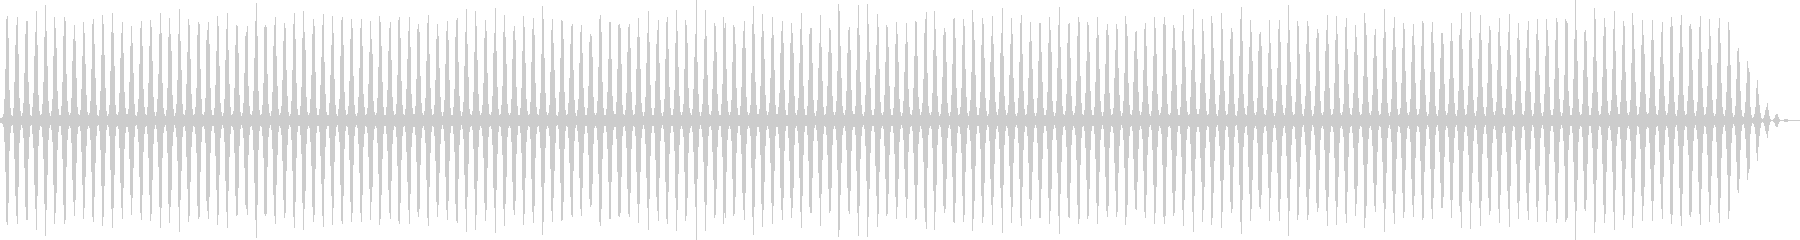 レトロゲームにありそうなヘリコプターの音の未再生の波形